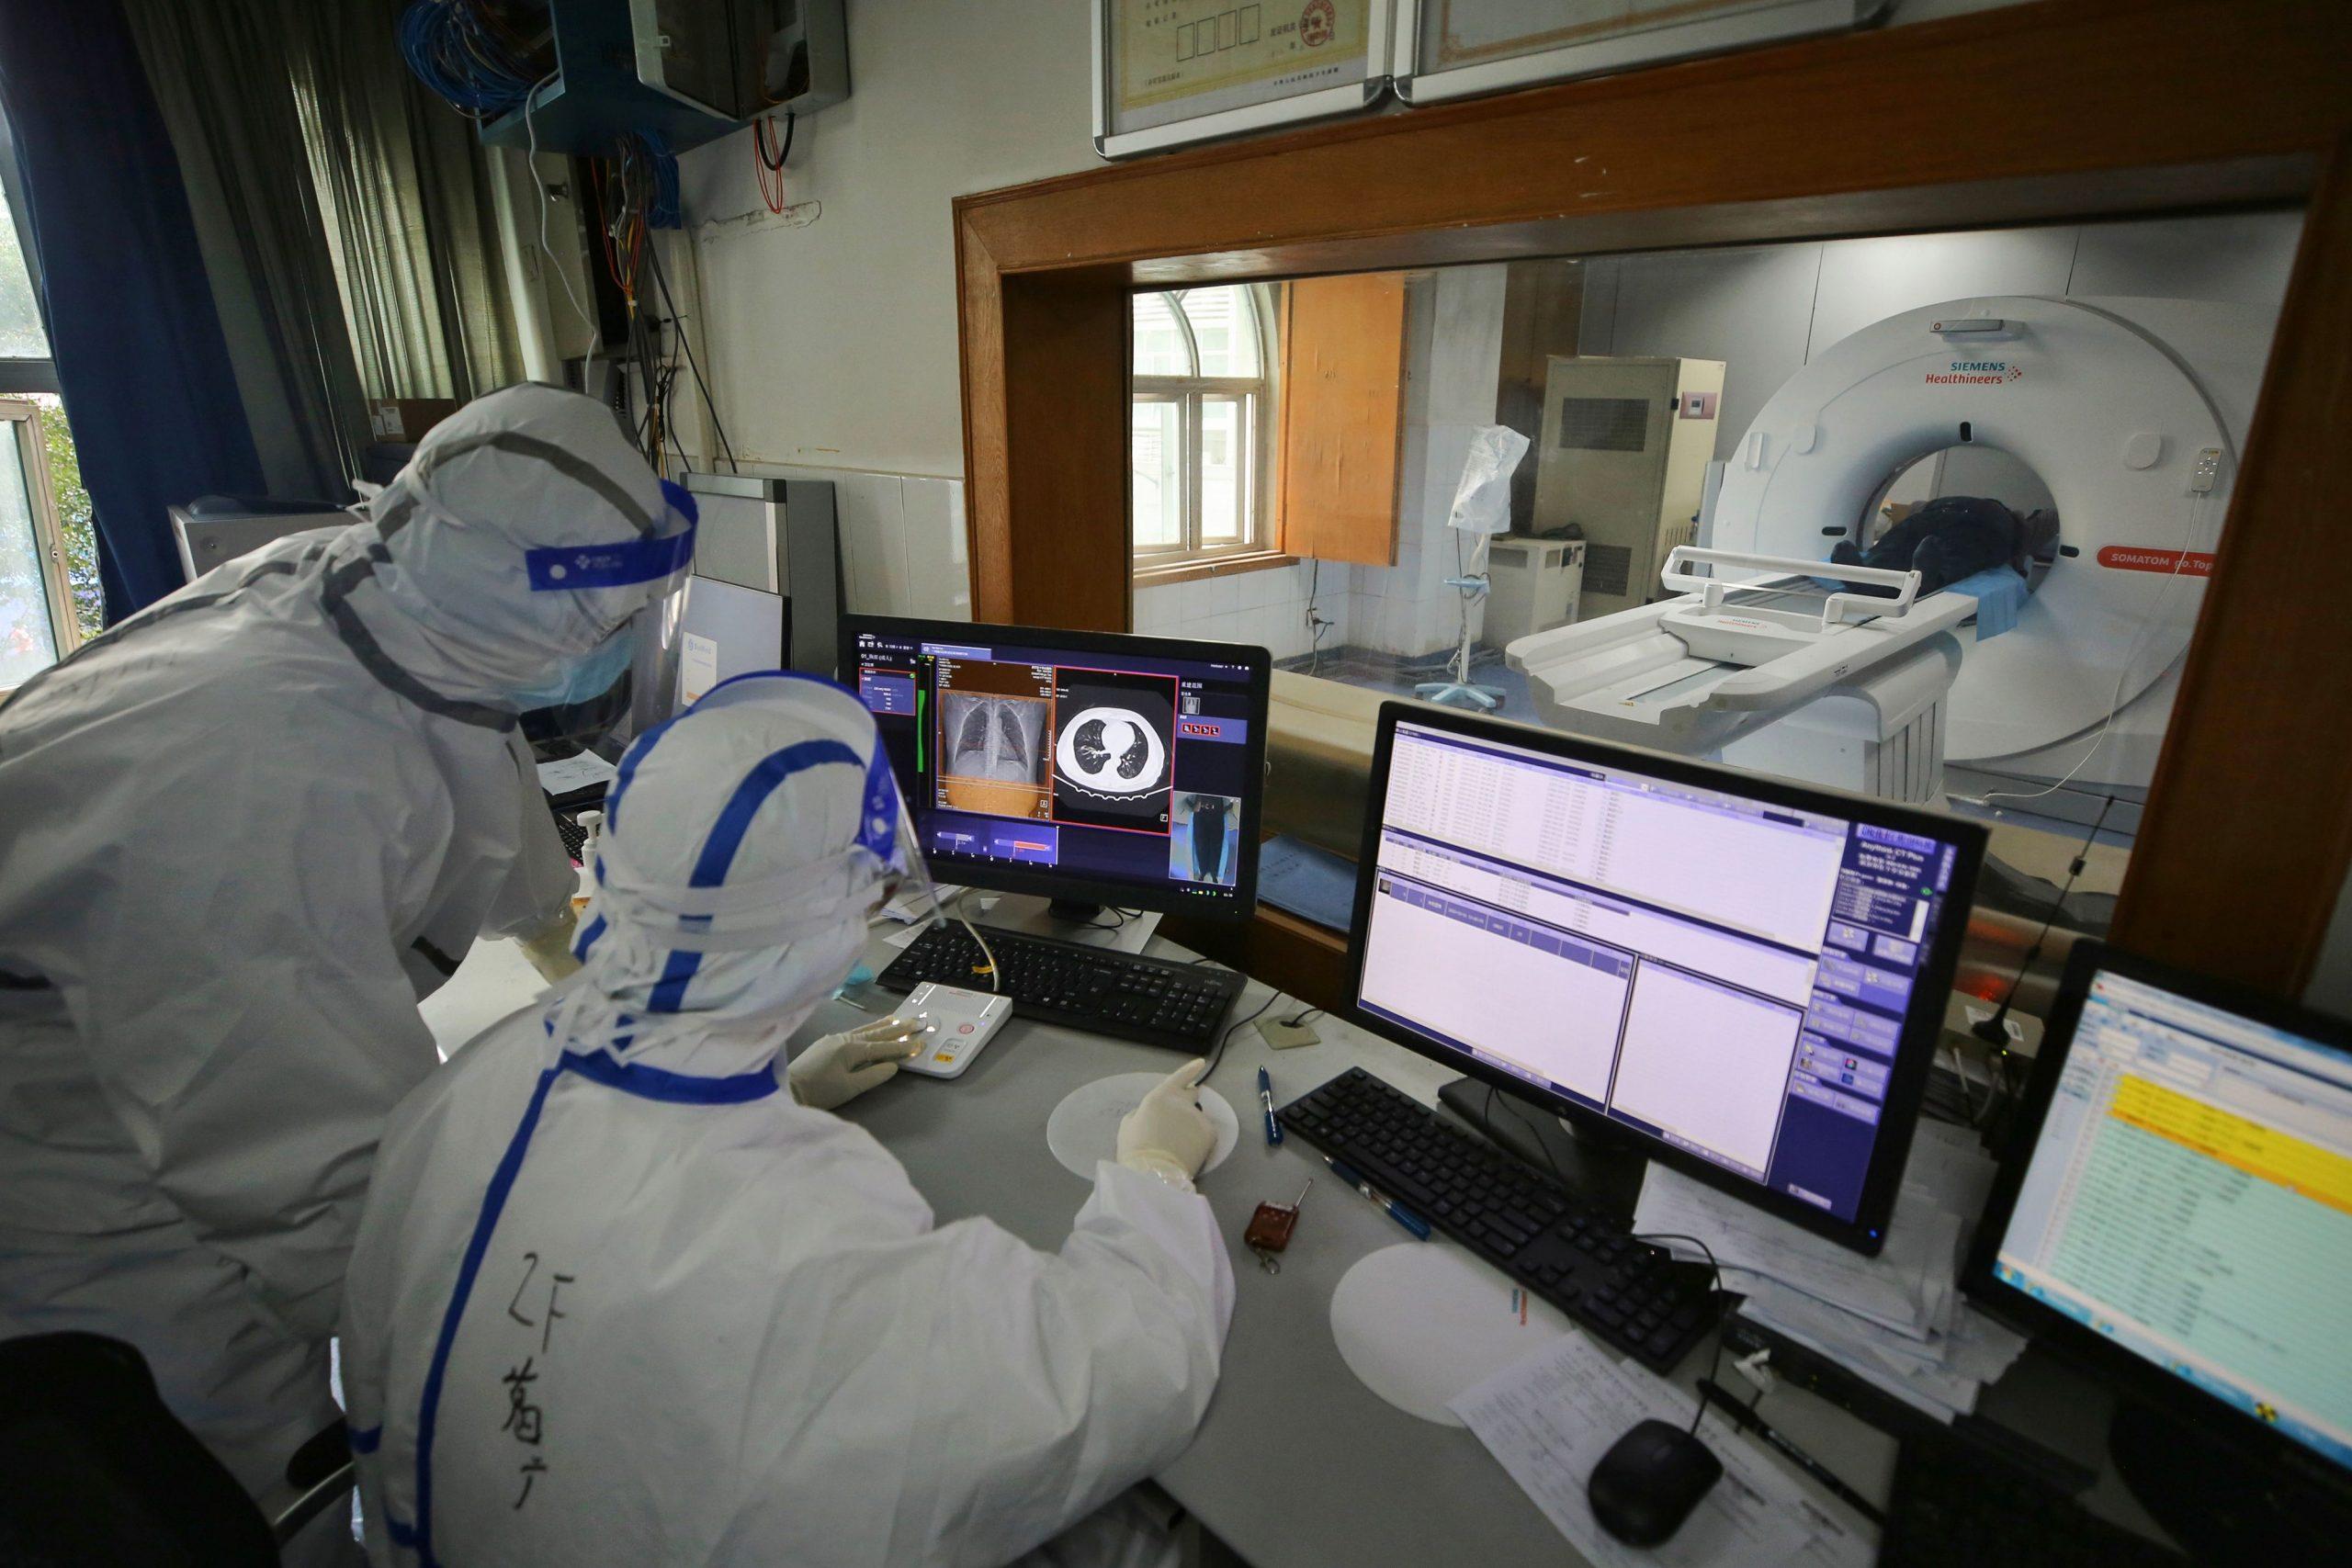 Υπερηχογράφος τεχνητή νοημοσύνη: Διαγνωστική ικανότητα για ασθενείς με κορωνοϊό